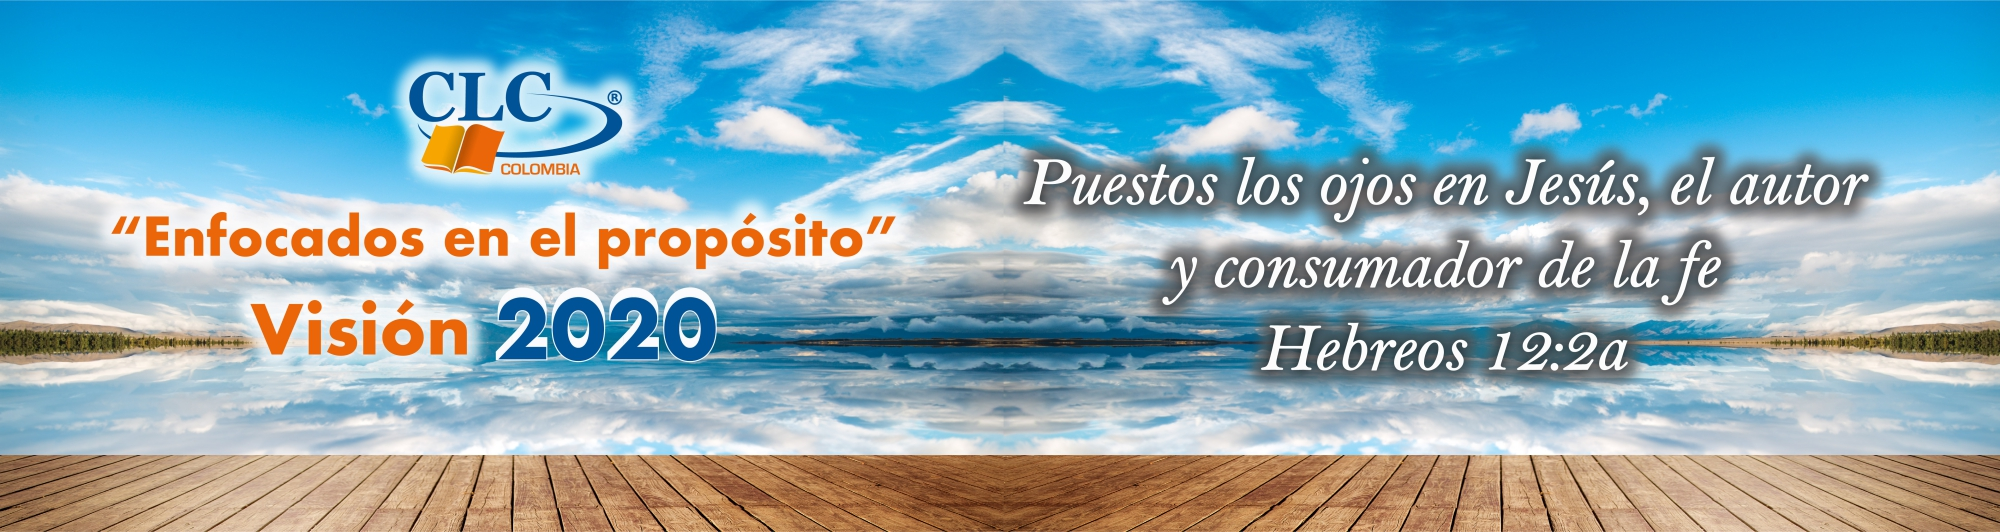 banner WEB ENERO 2020-01